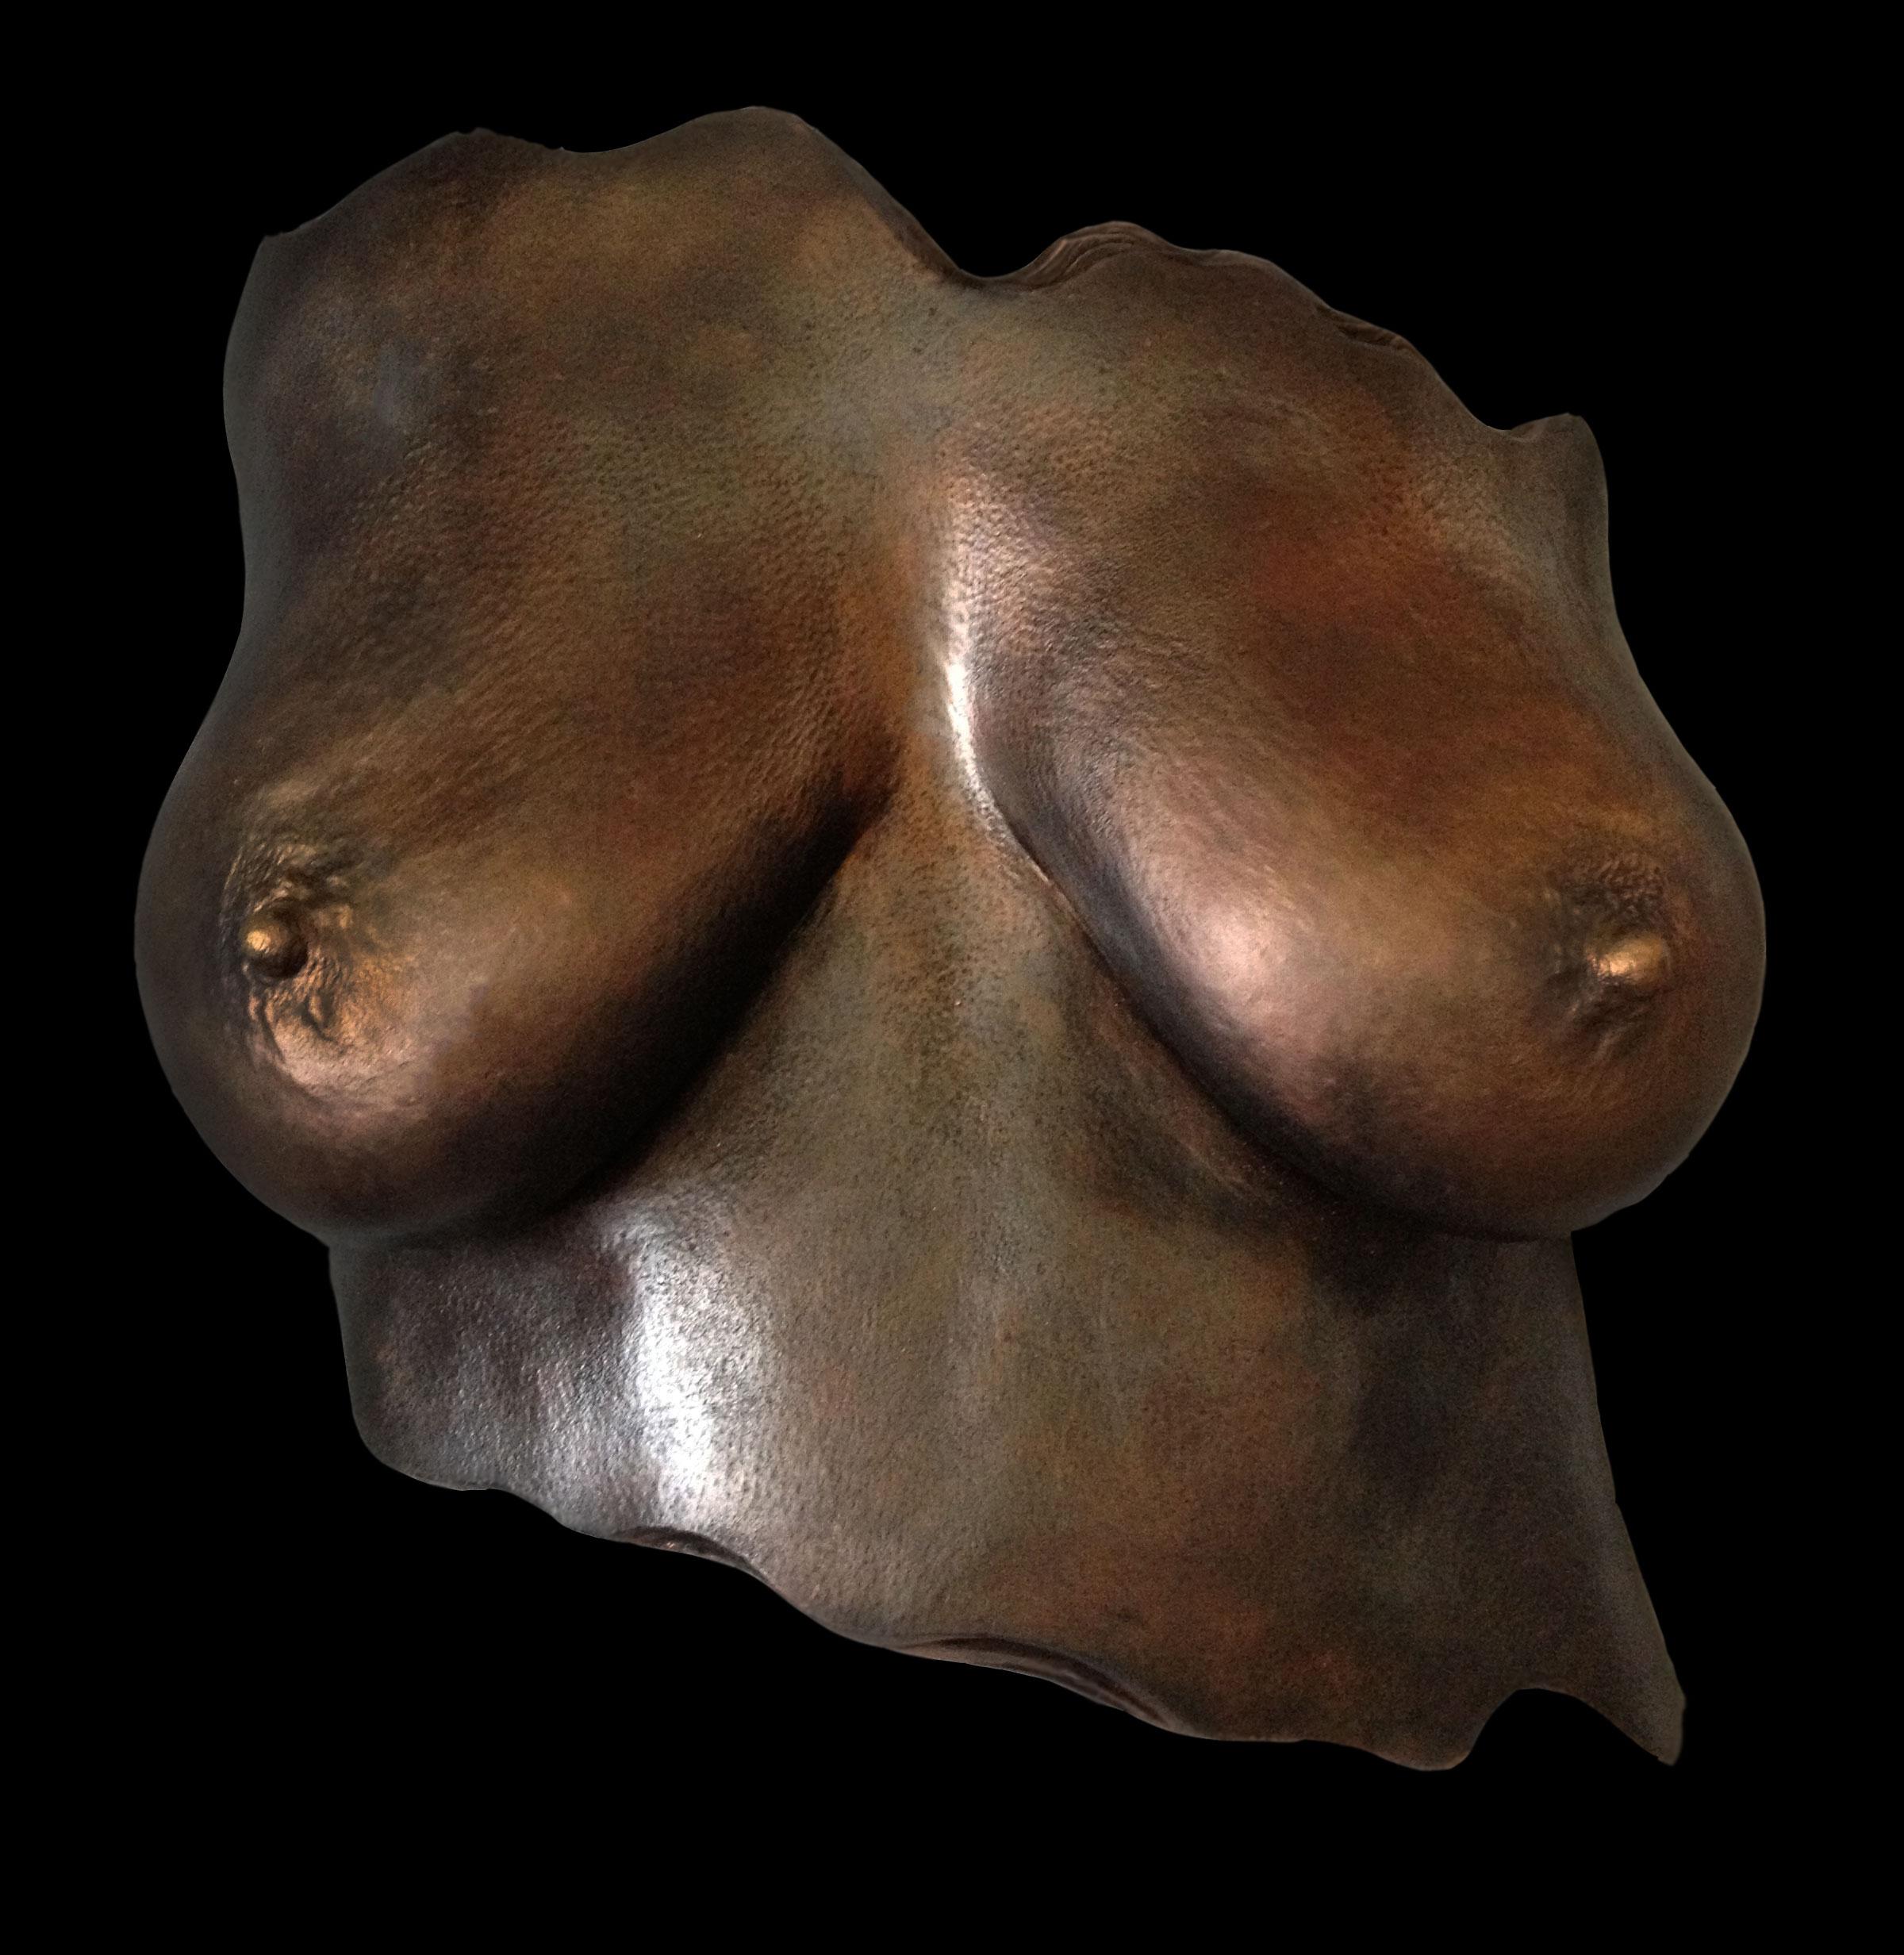 issy-boobs.jpg